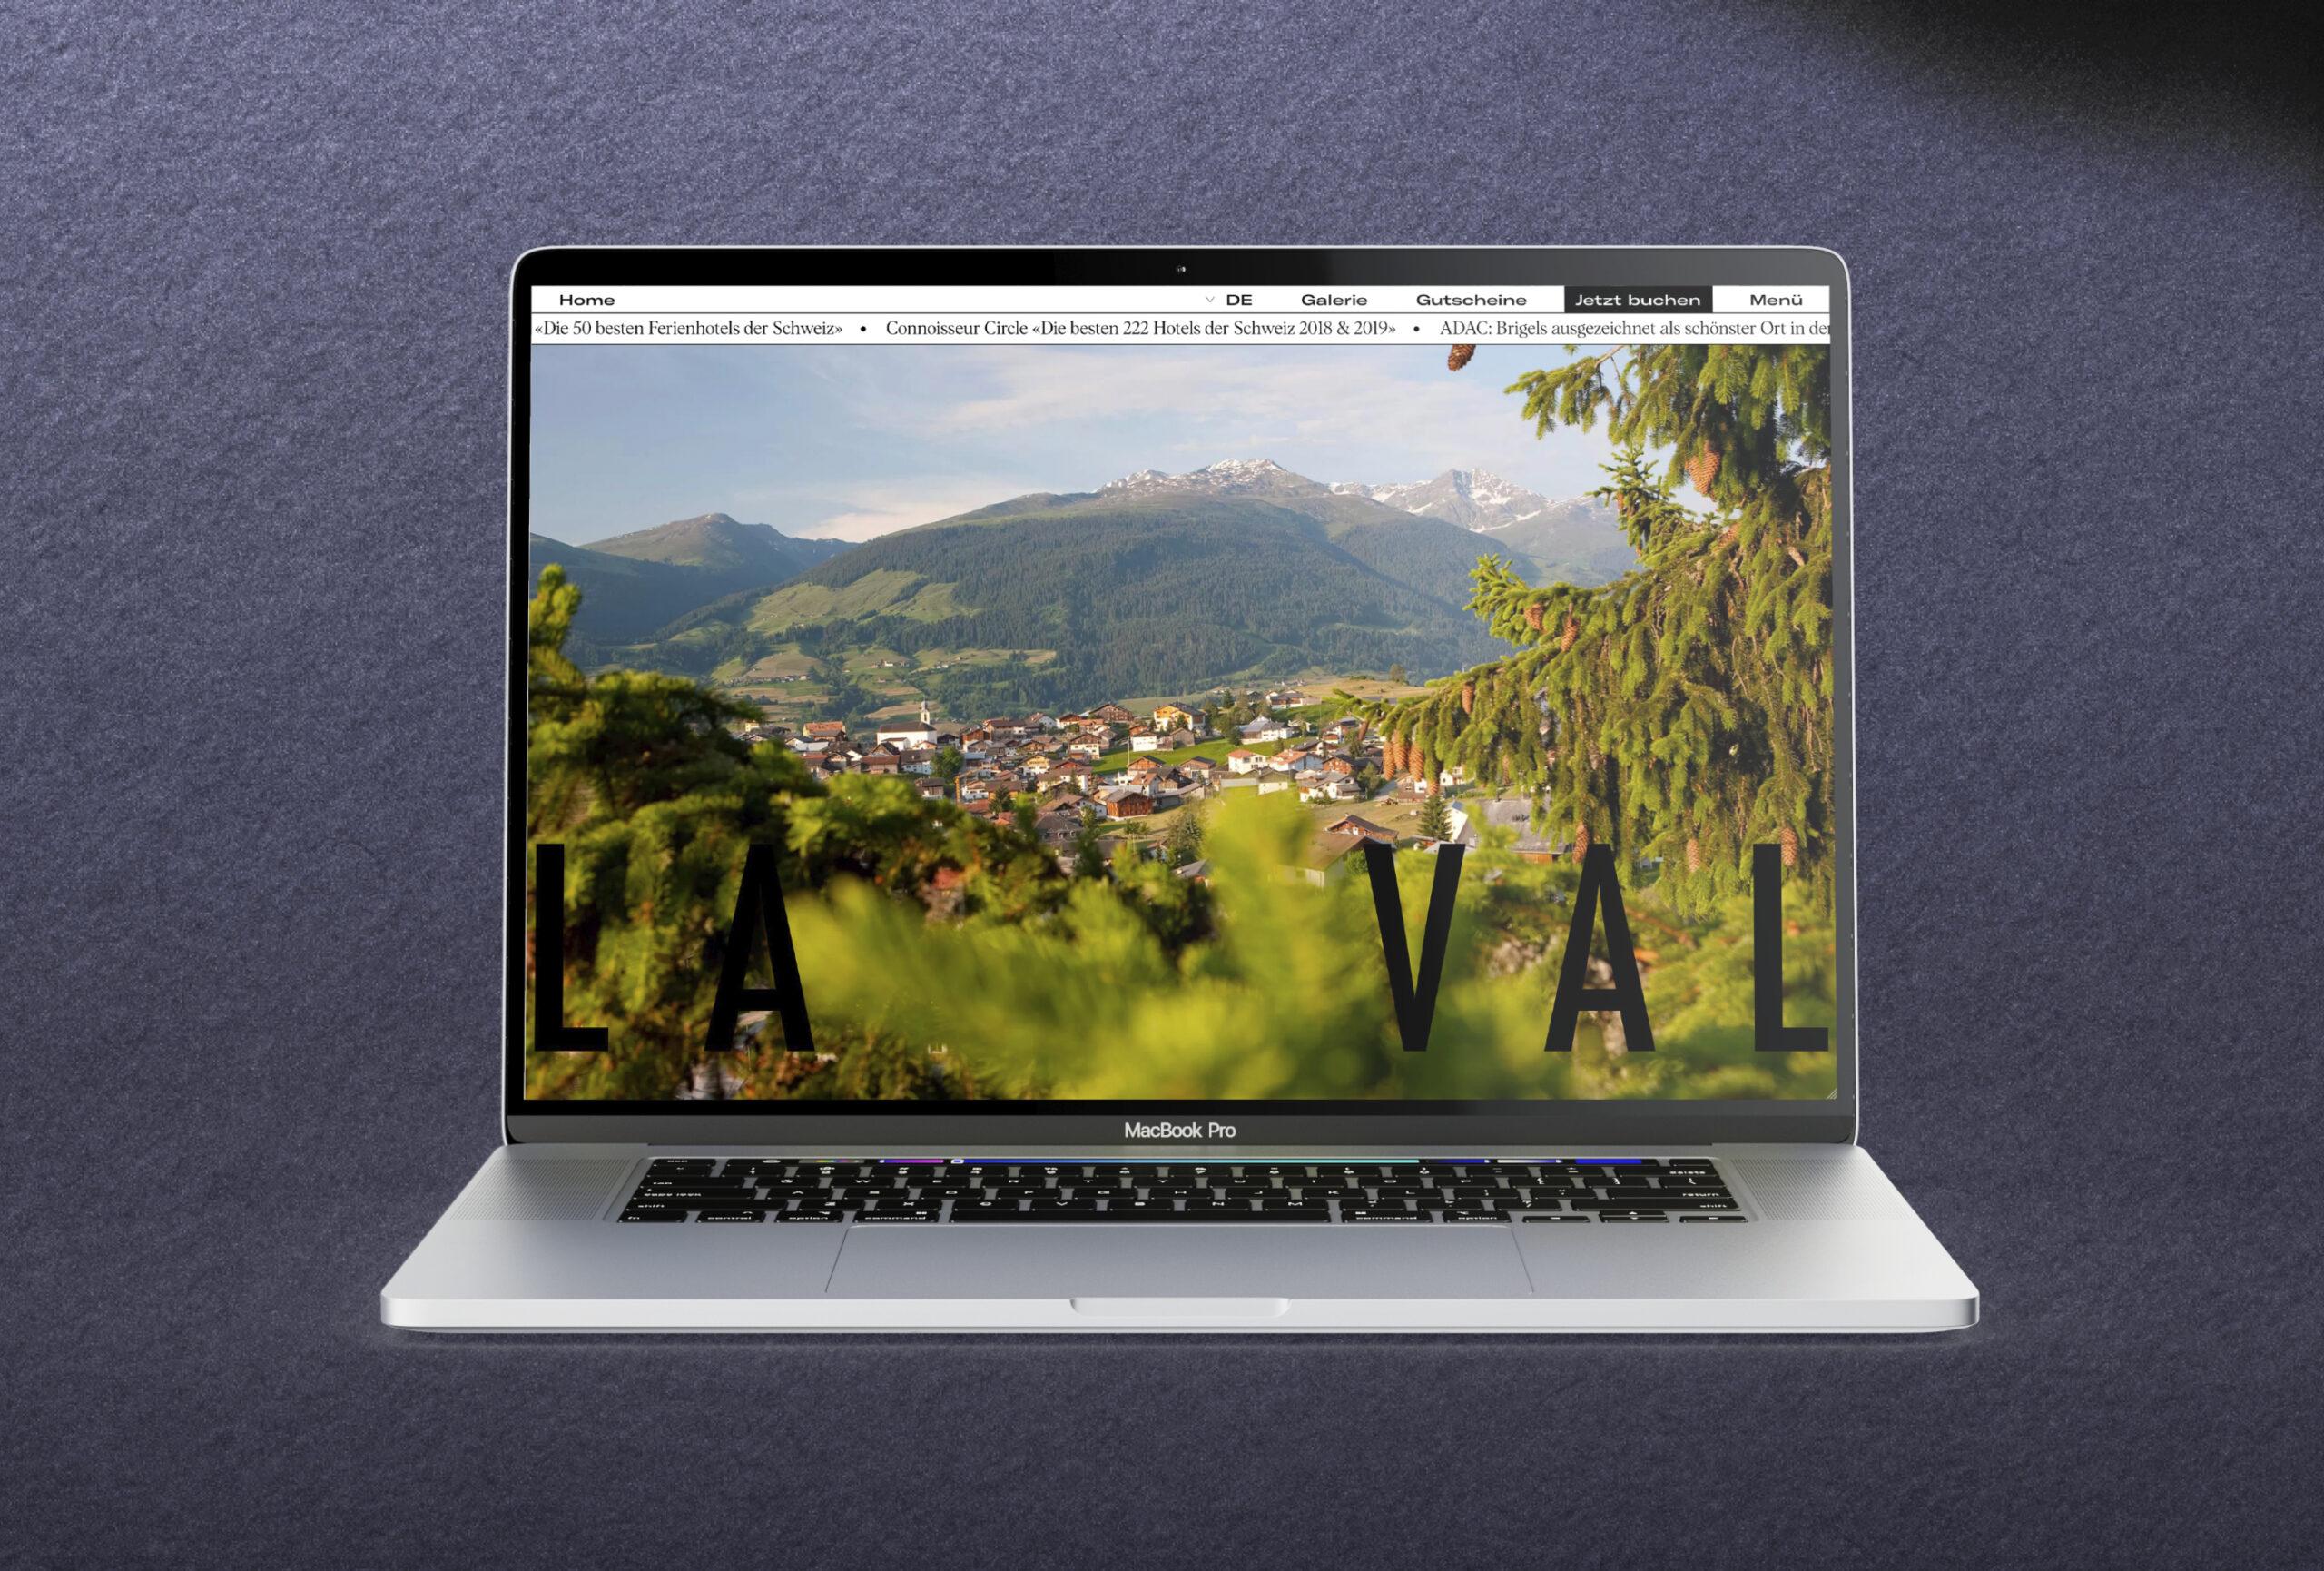 Silbernes Macbook auf blauem Grund. Fullscreen-Darstellung der Neuen Laval-Homepage